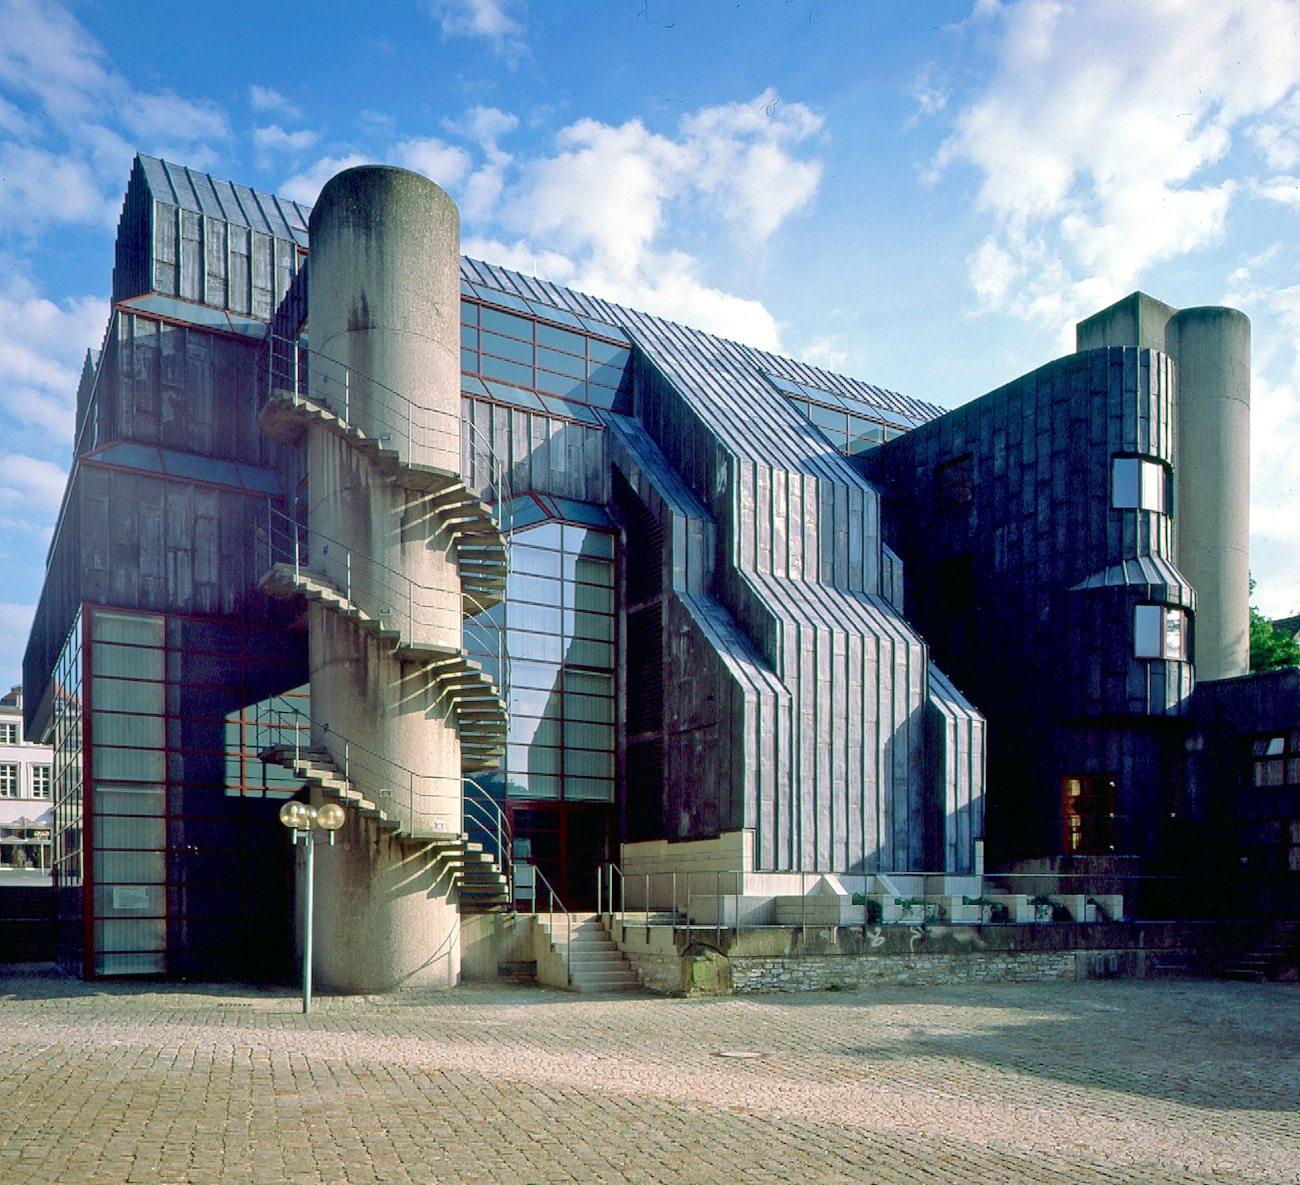 Der Anbau.  Die ursprünglich großen Glasfronten mussten wegen zu starker Klimaschwankungen und zu großer Helligkeit geschlossen werden. Im Anbau wurde die Klimatechnik eingebaut.